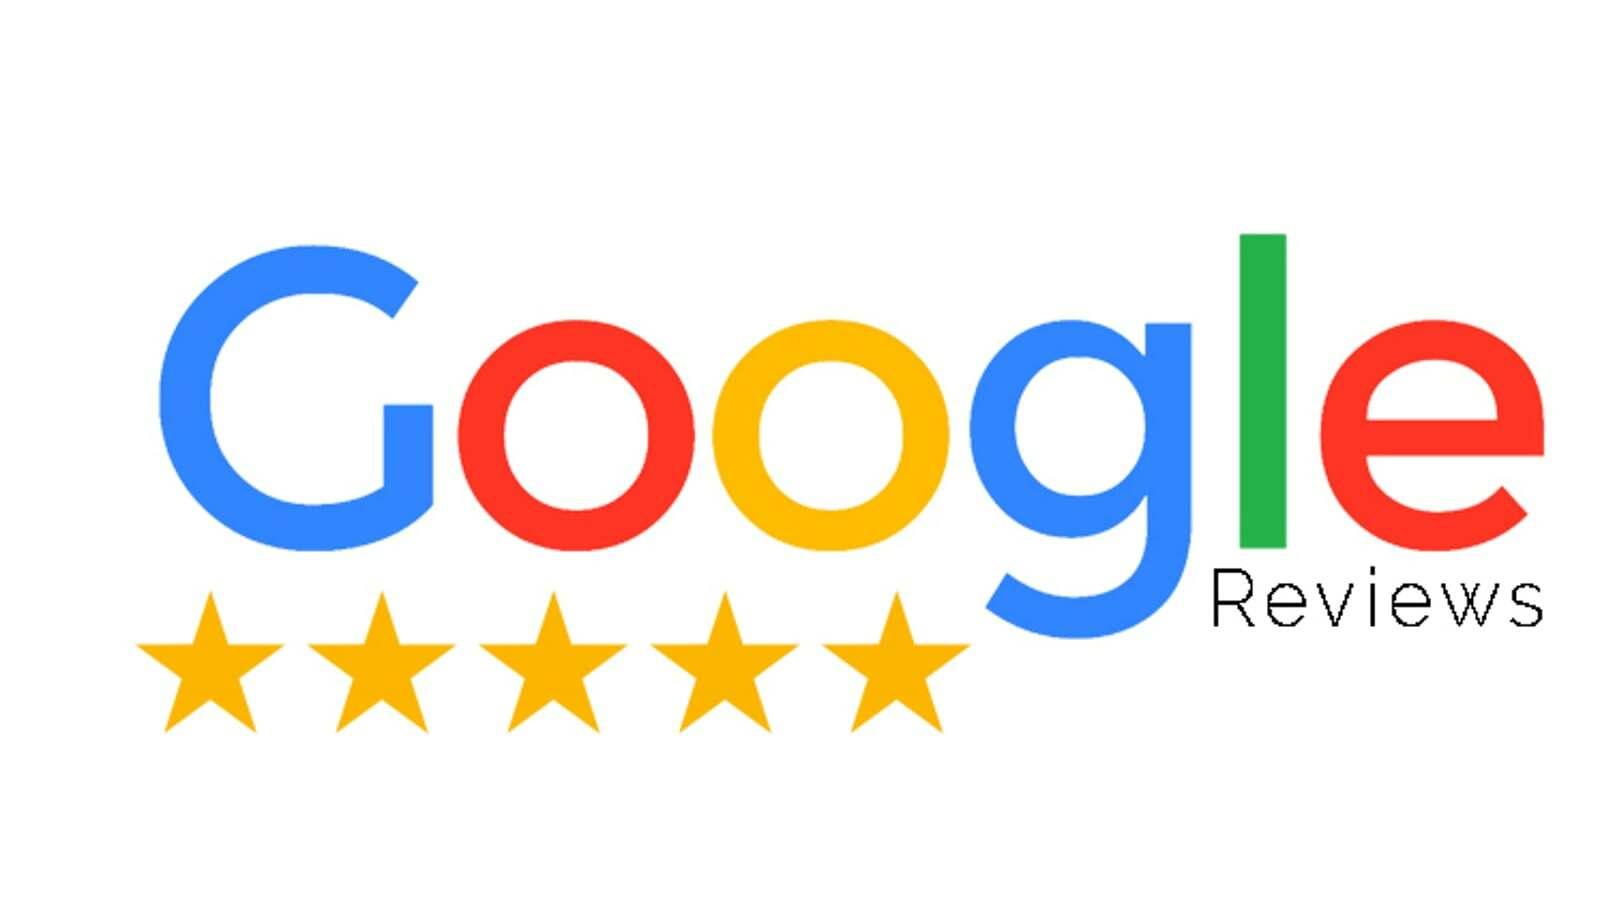 Google arvostelut